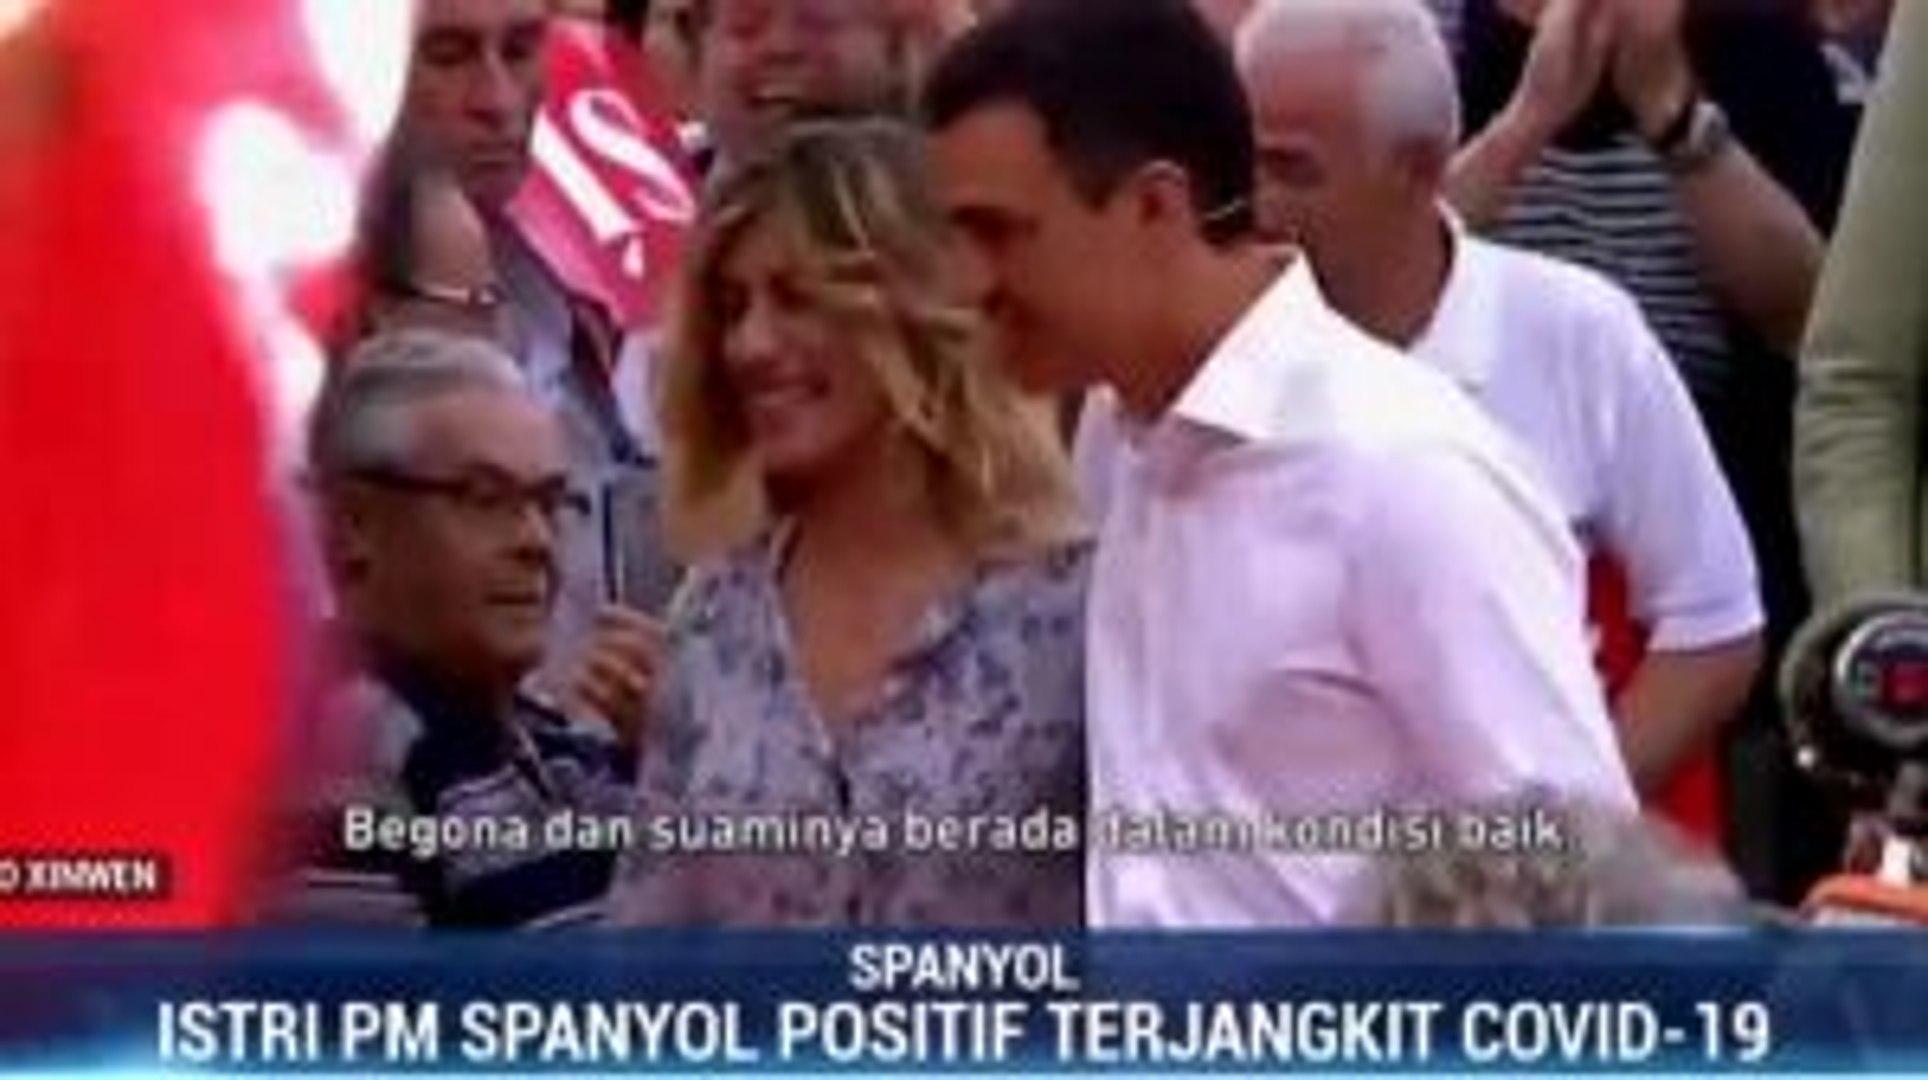 Istri PM Spanyol Positif Terjangkit Virus Corona